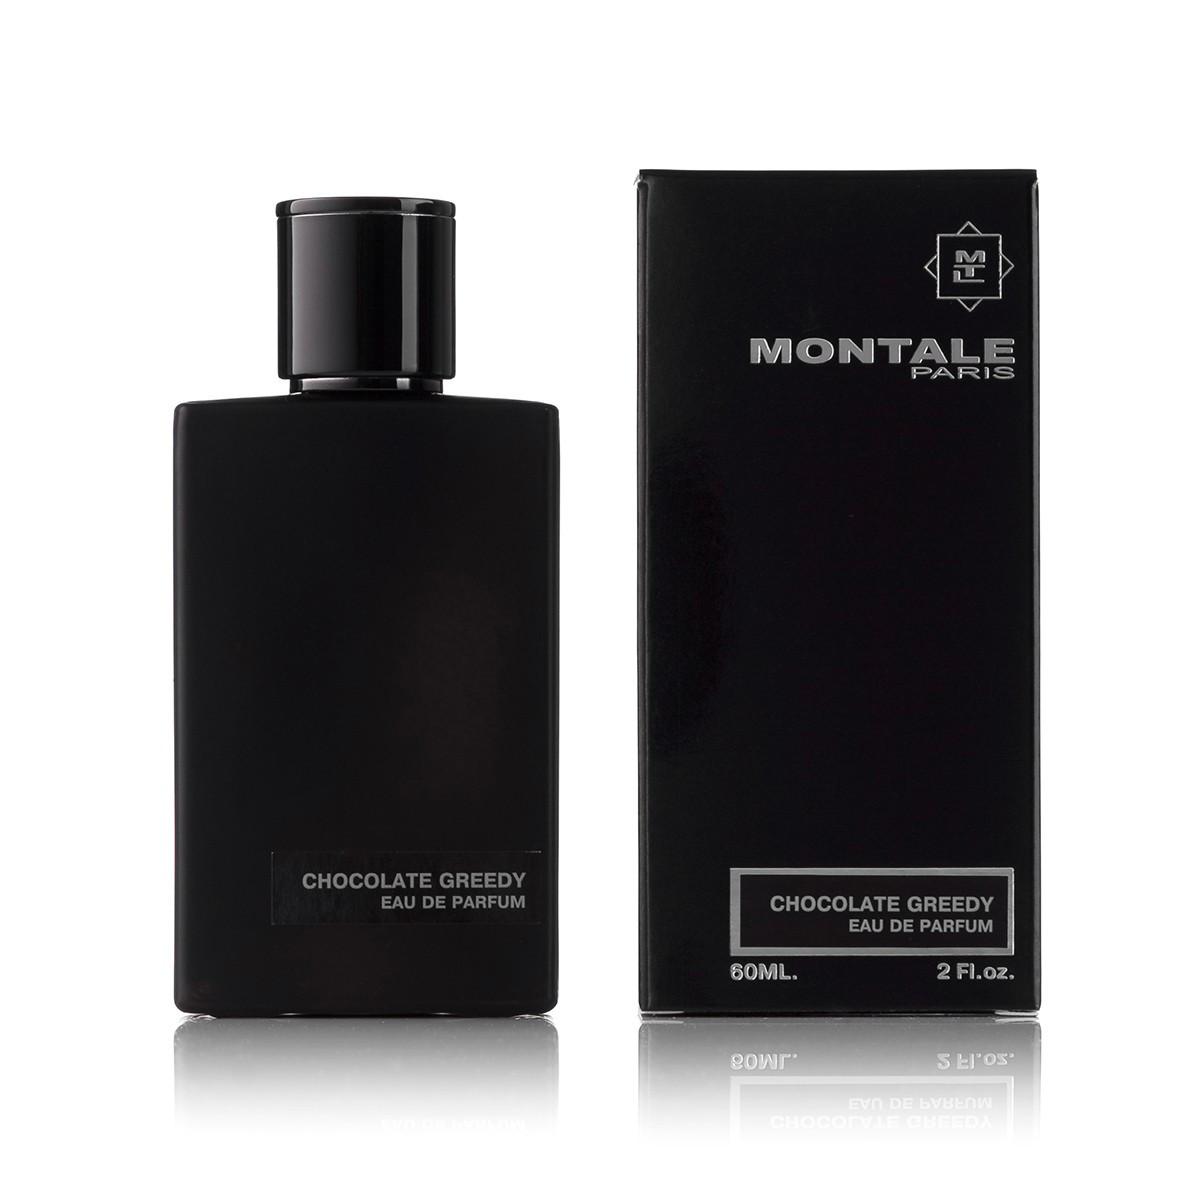 60 мл мини-парфюм Montale Chocolate Greedy (унисекс) - M-9